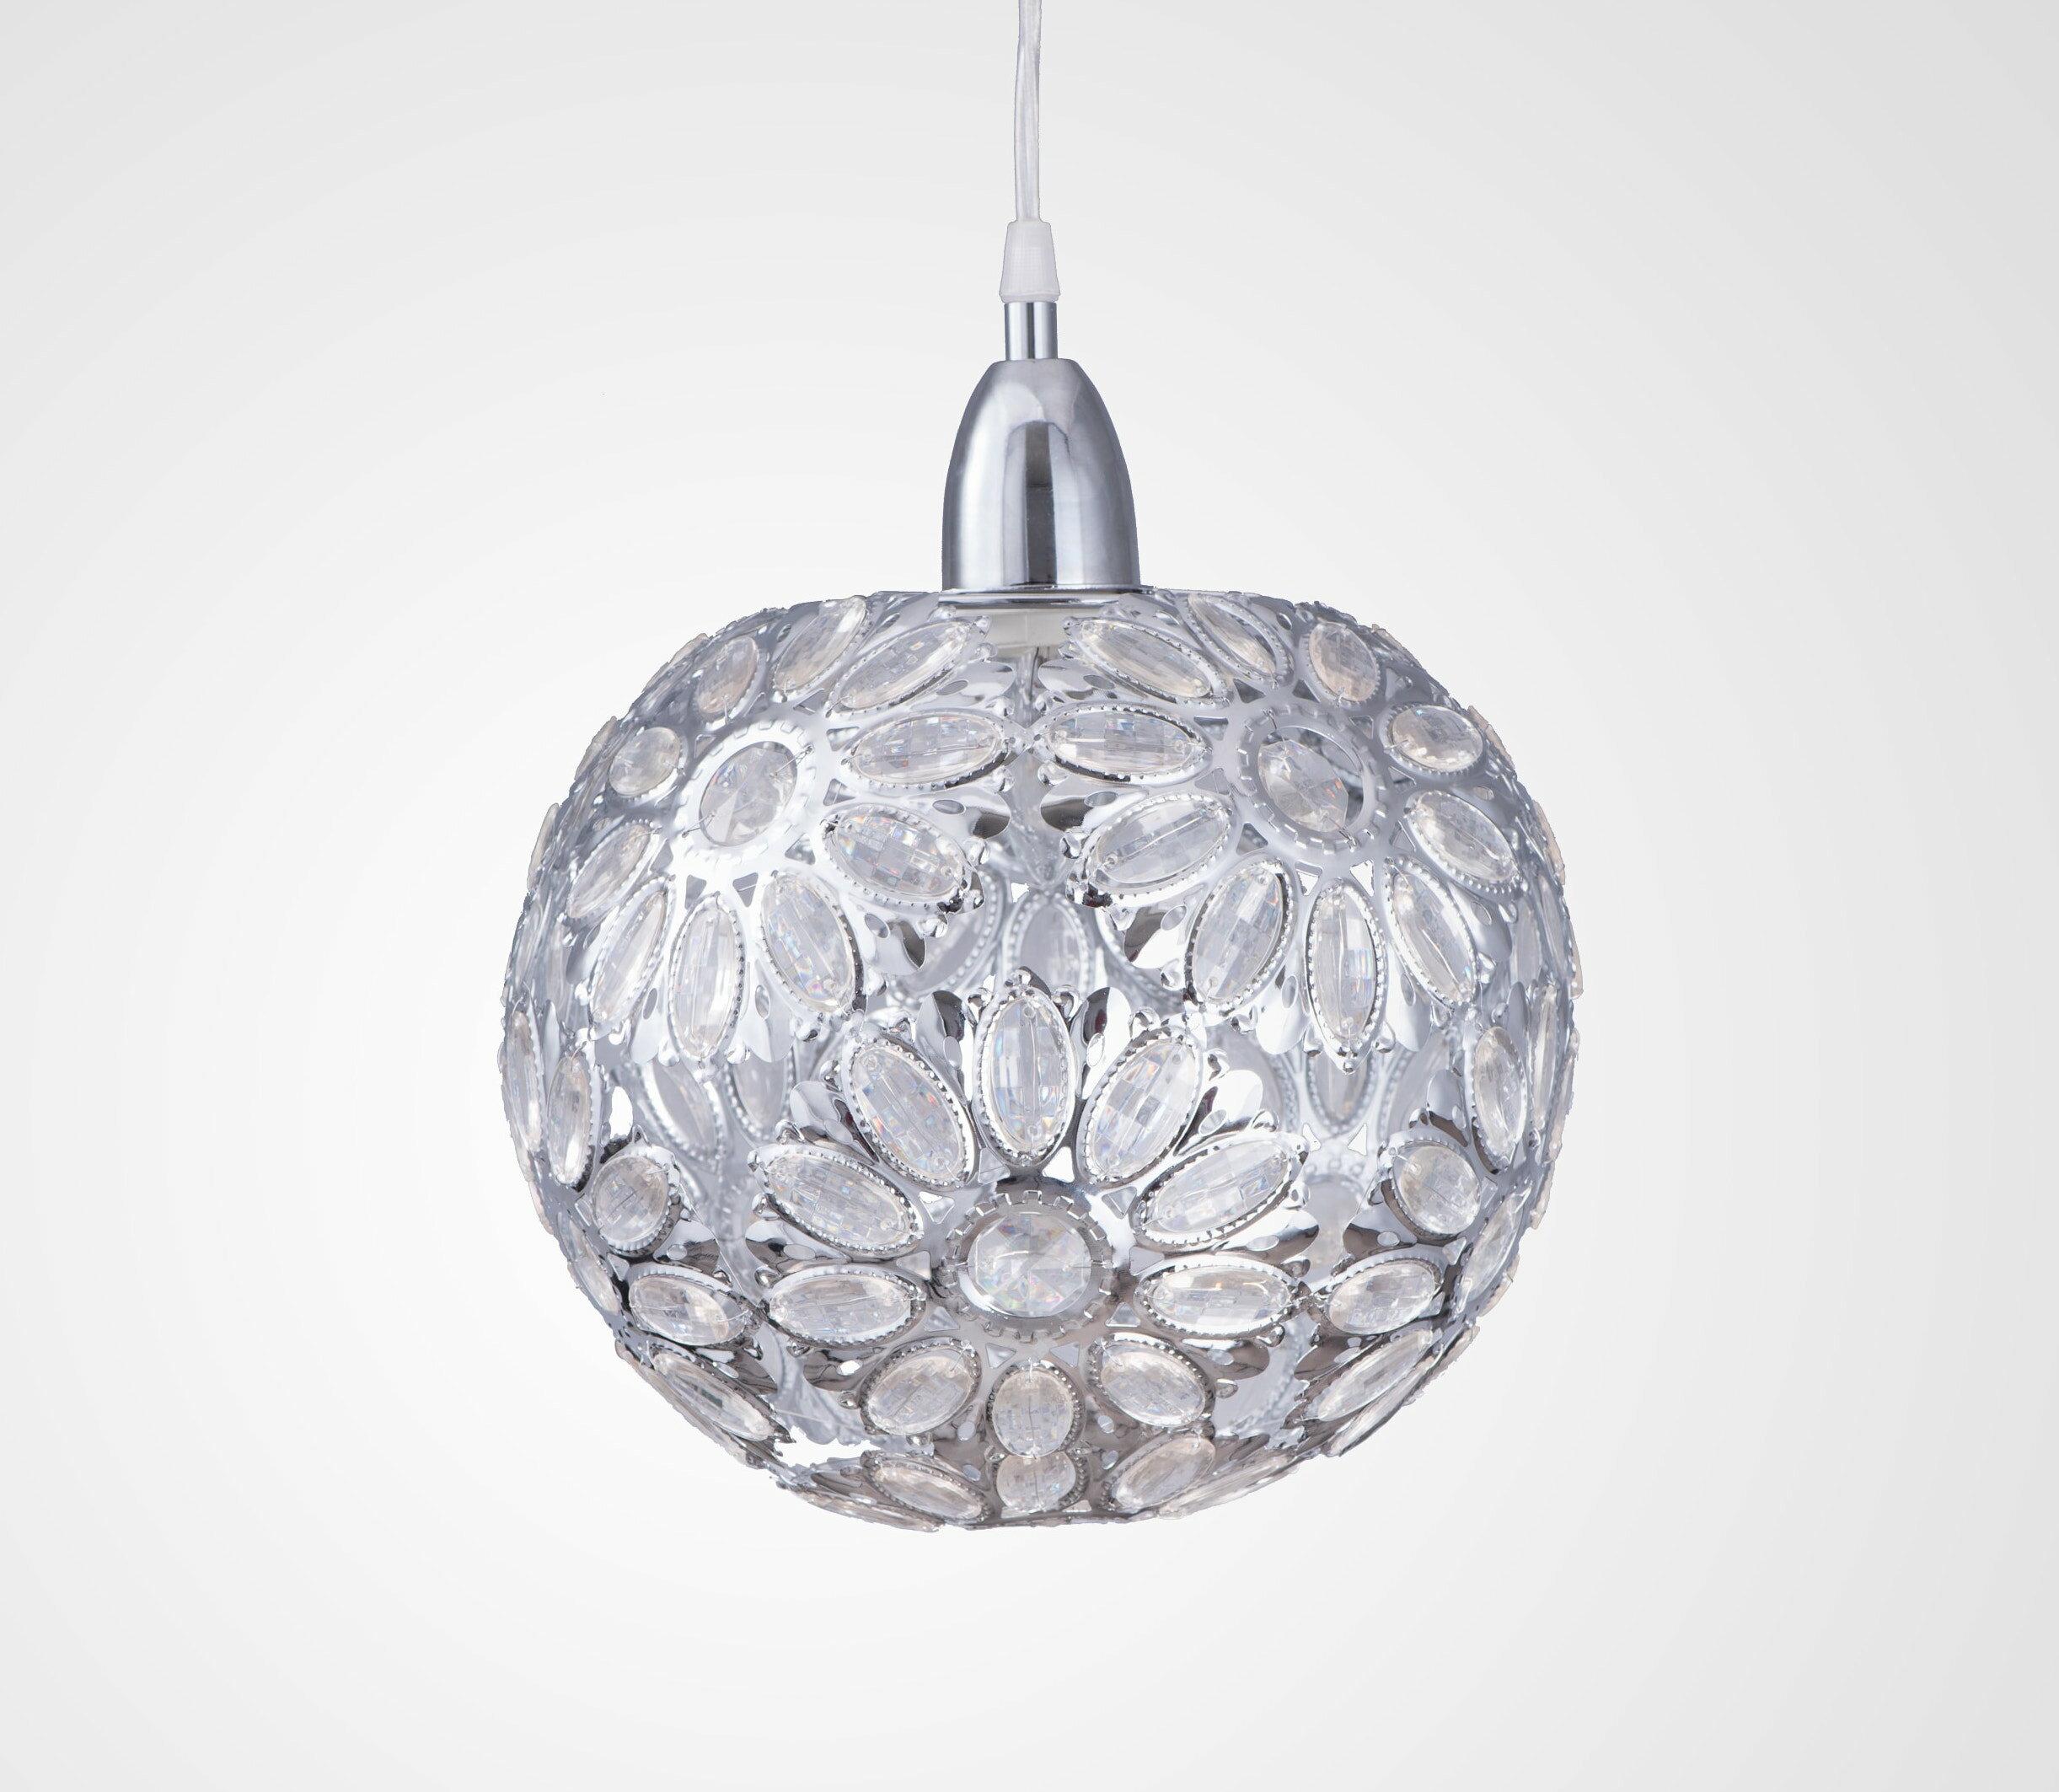 鍍鉻波斯蘭菊吊燈-BNL00086 5